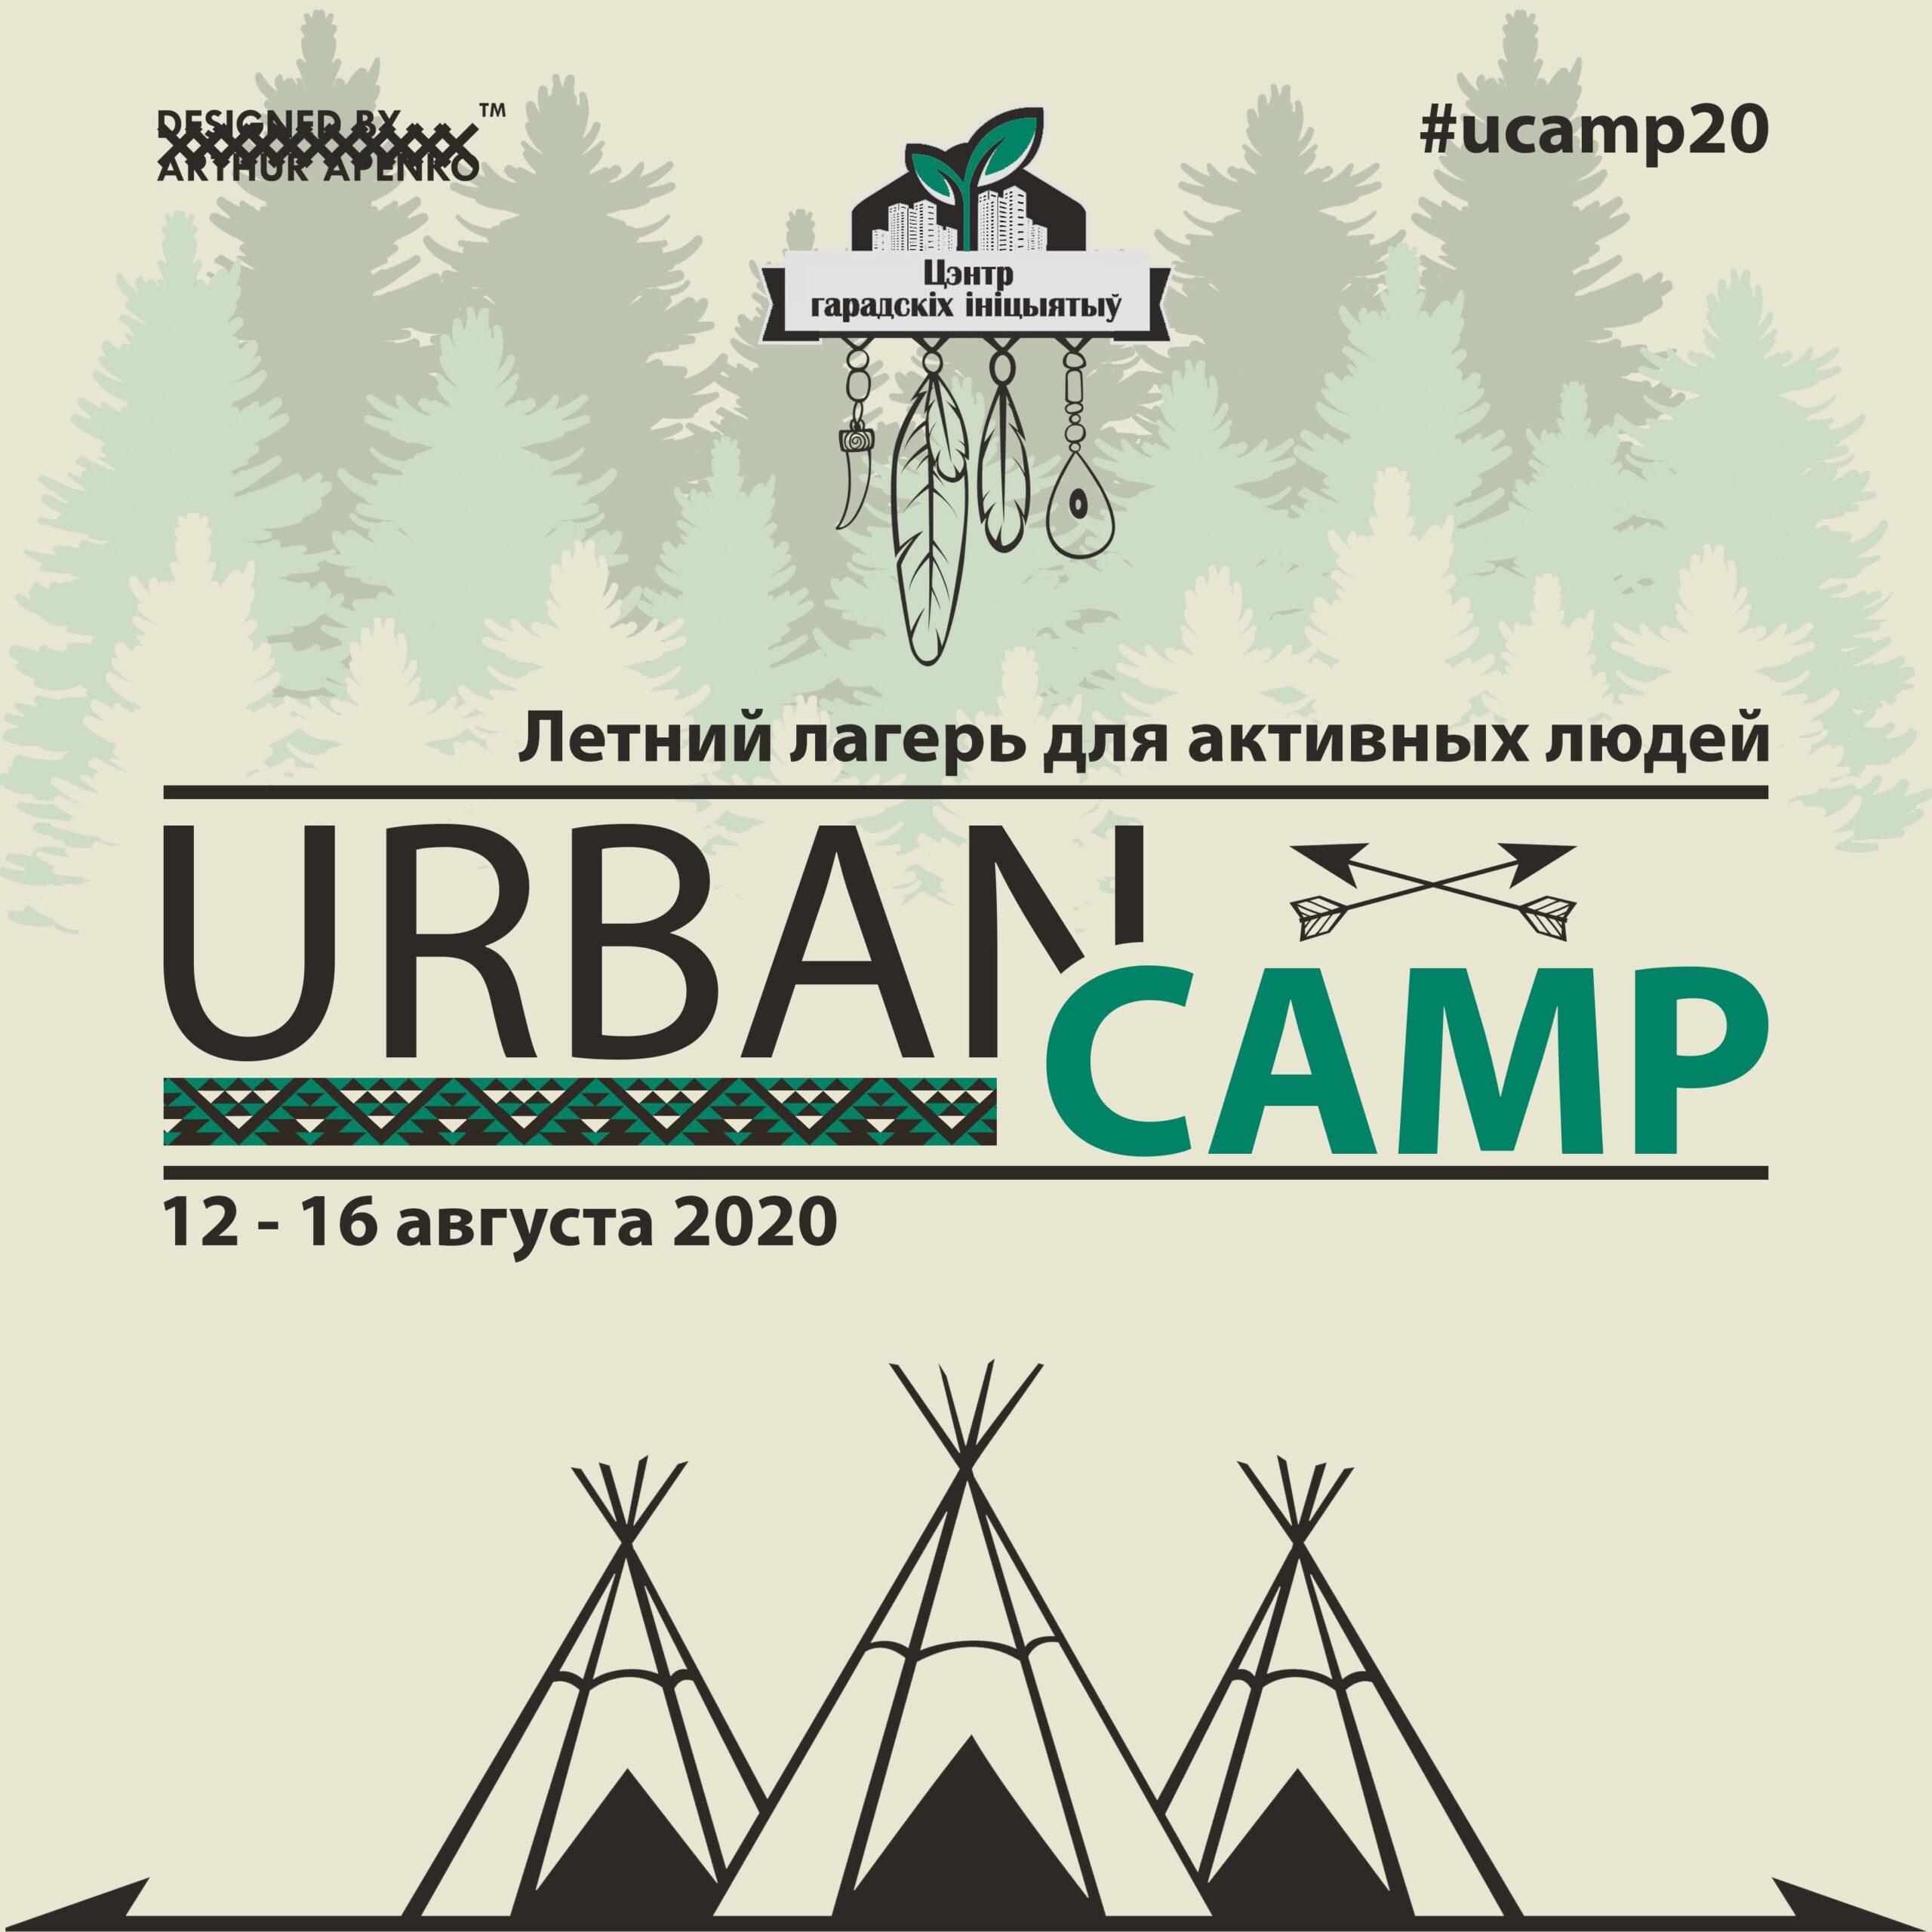 Отдых влетнем лагере: могилевчан приглашают вUrbanCamp2020